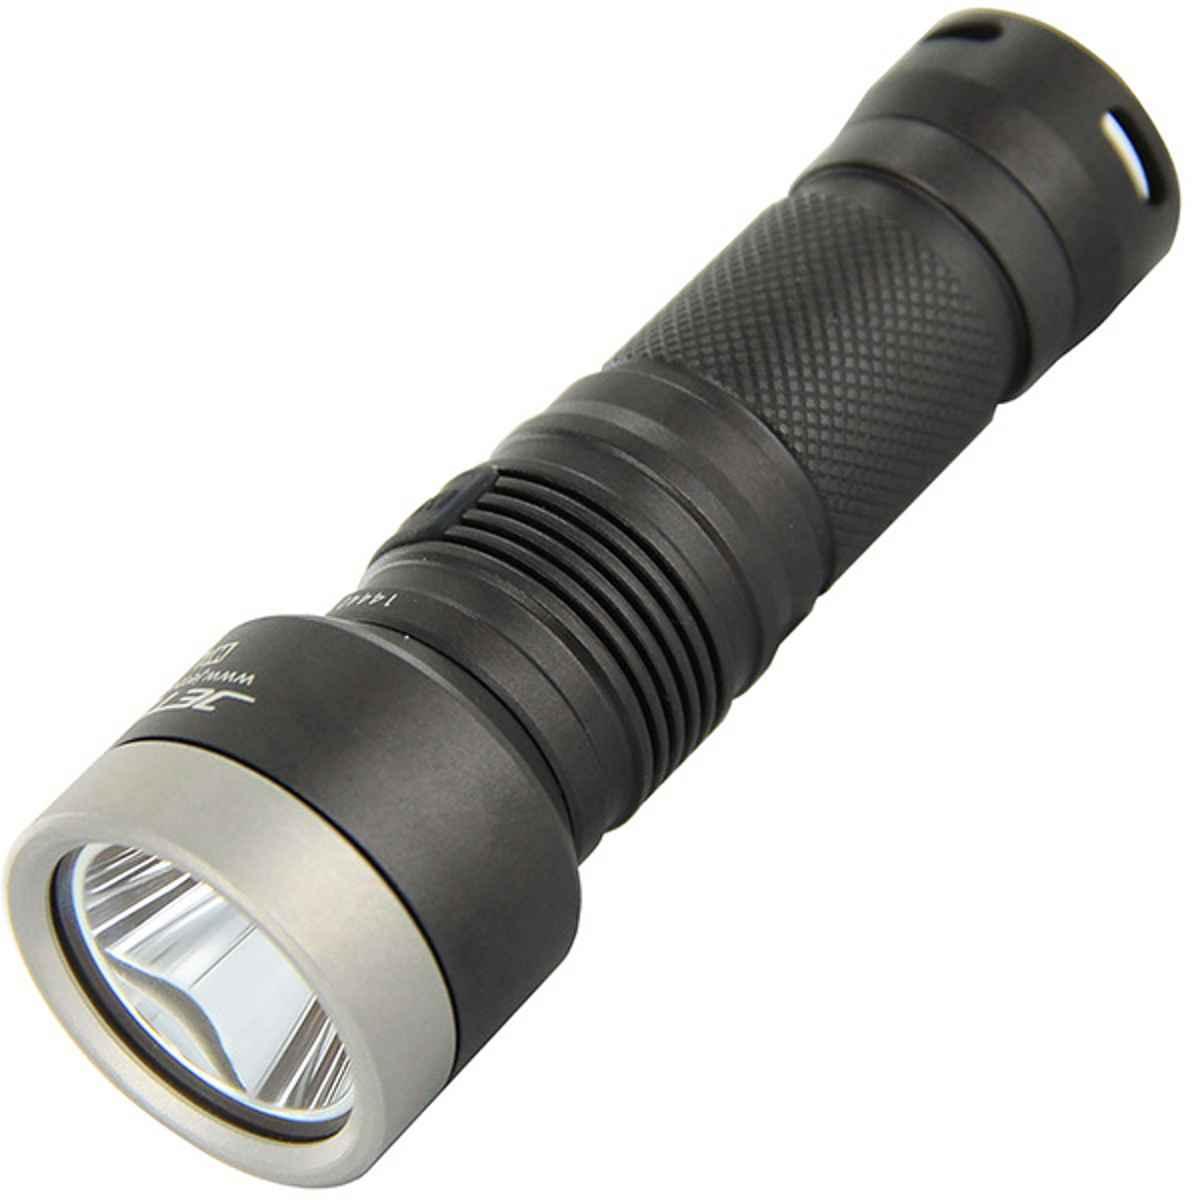 Jetbeam WL-S1 LED Flashlight Black - JBWL-S1